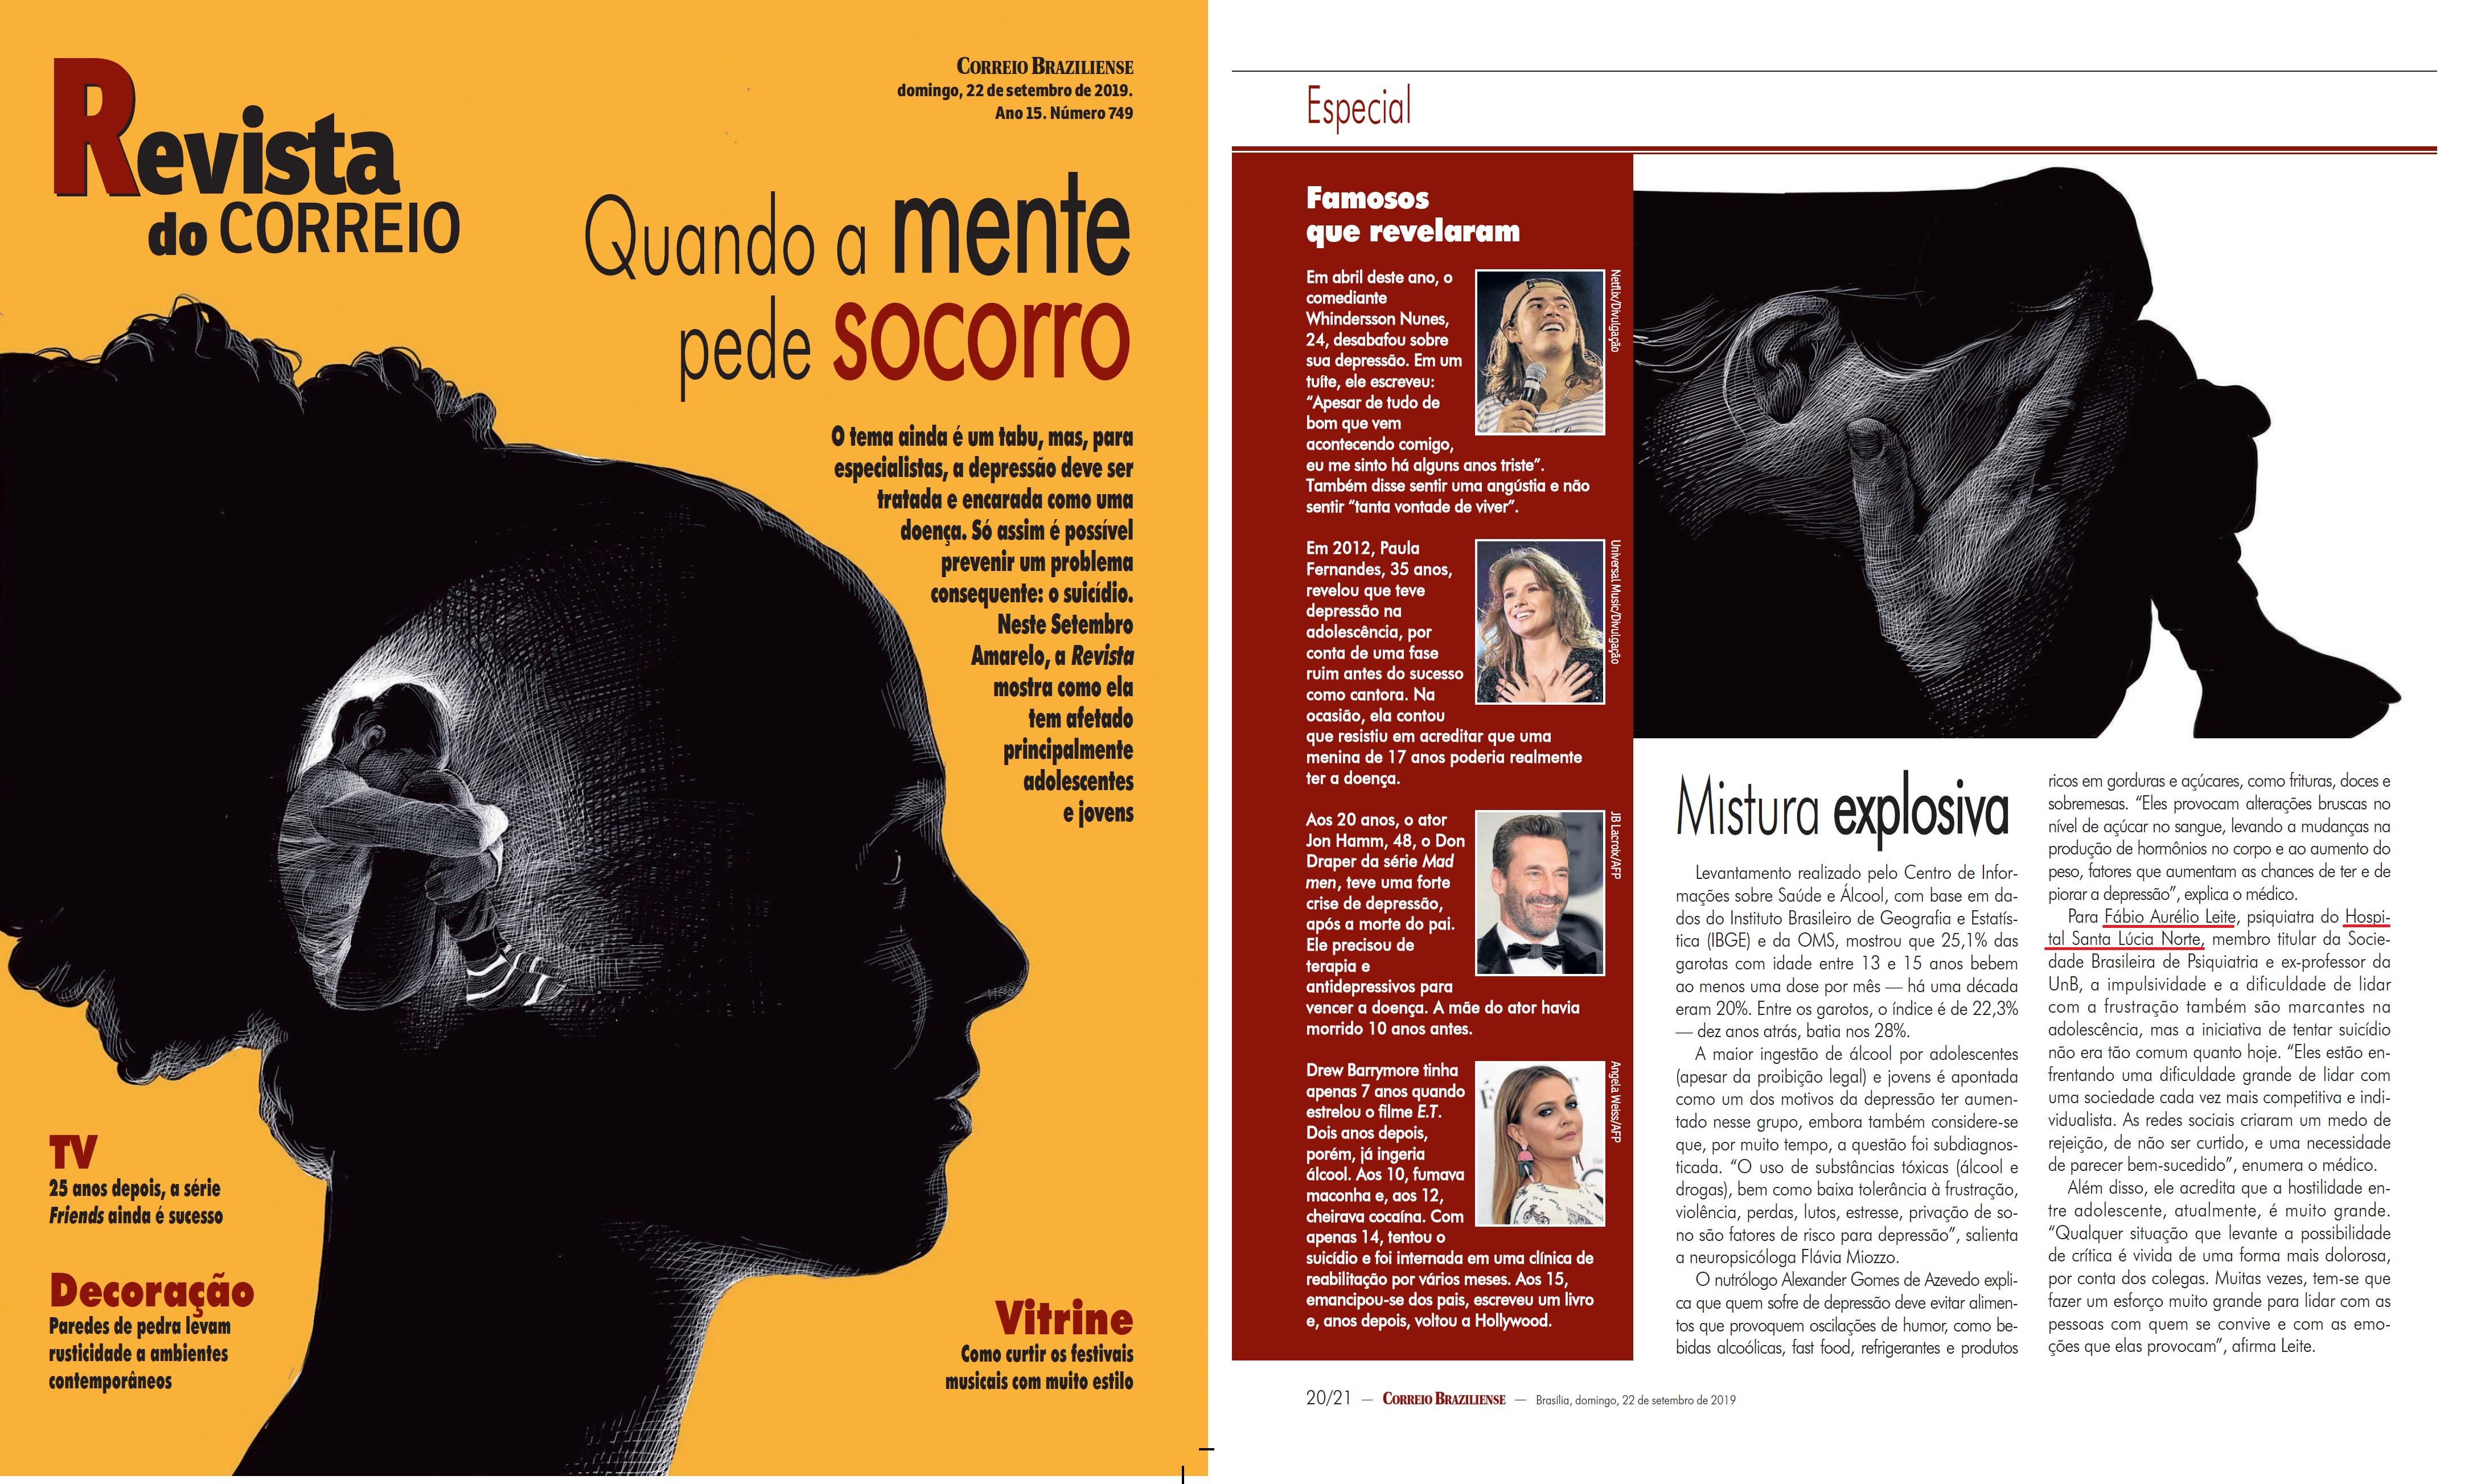 Revista do Correio - Dr. Fábio Aurélio Leite HSLN - 23-09-2019